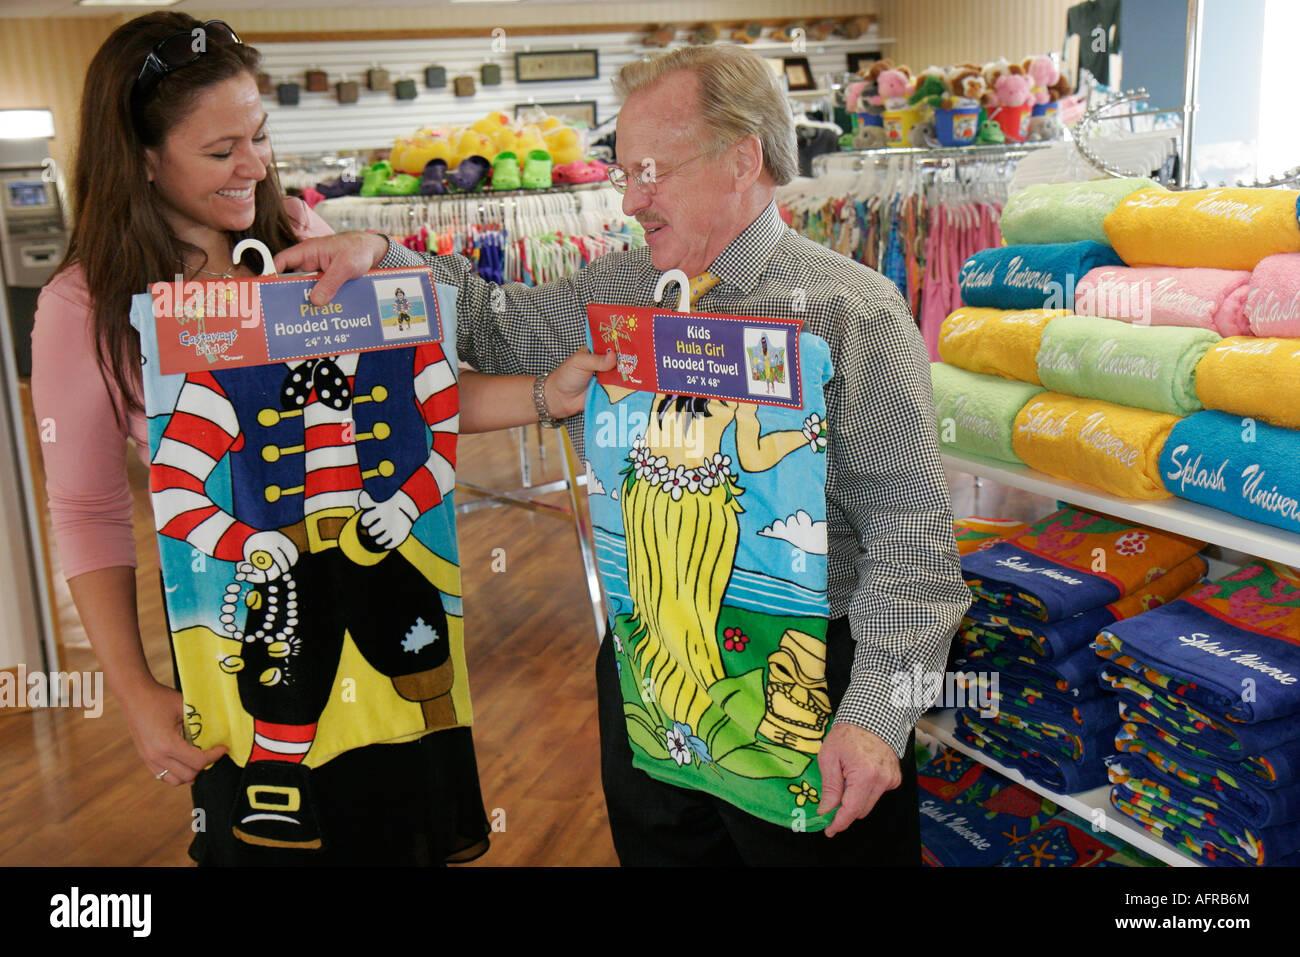 Indiana Shipshewana Universo Splash Water Park Resorts Tienda de regalos  divertidos toallas de playa hombre mujer 505758f02ca